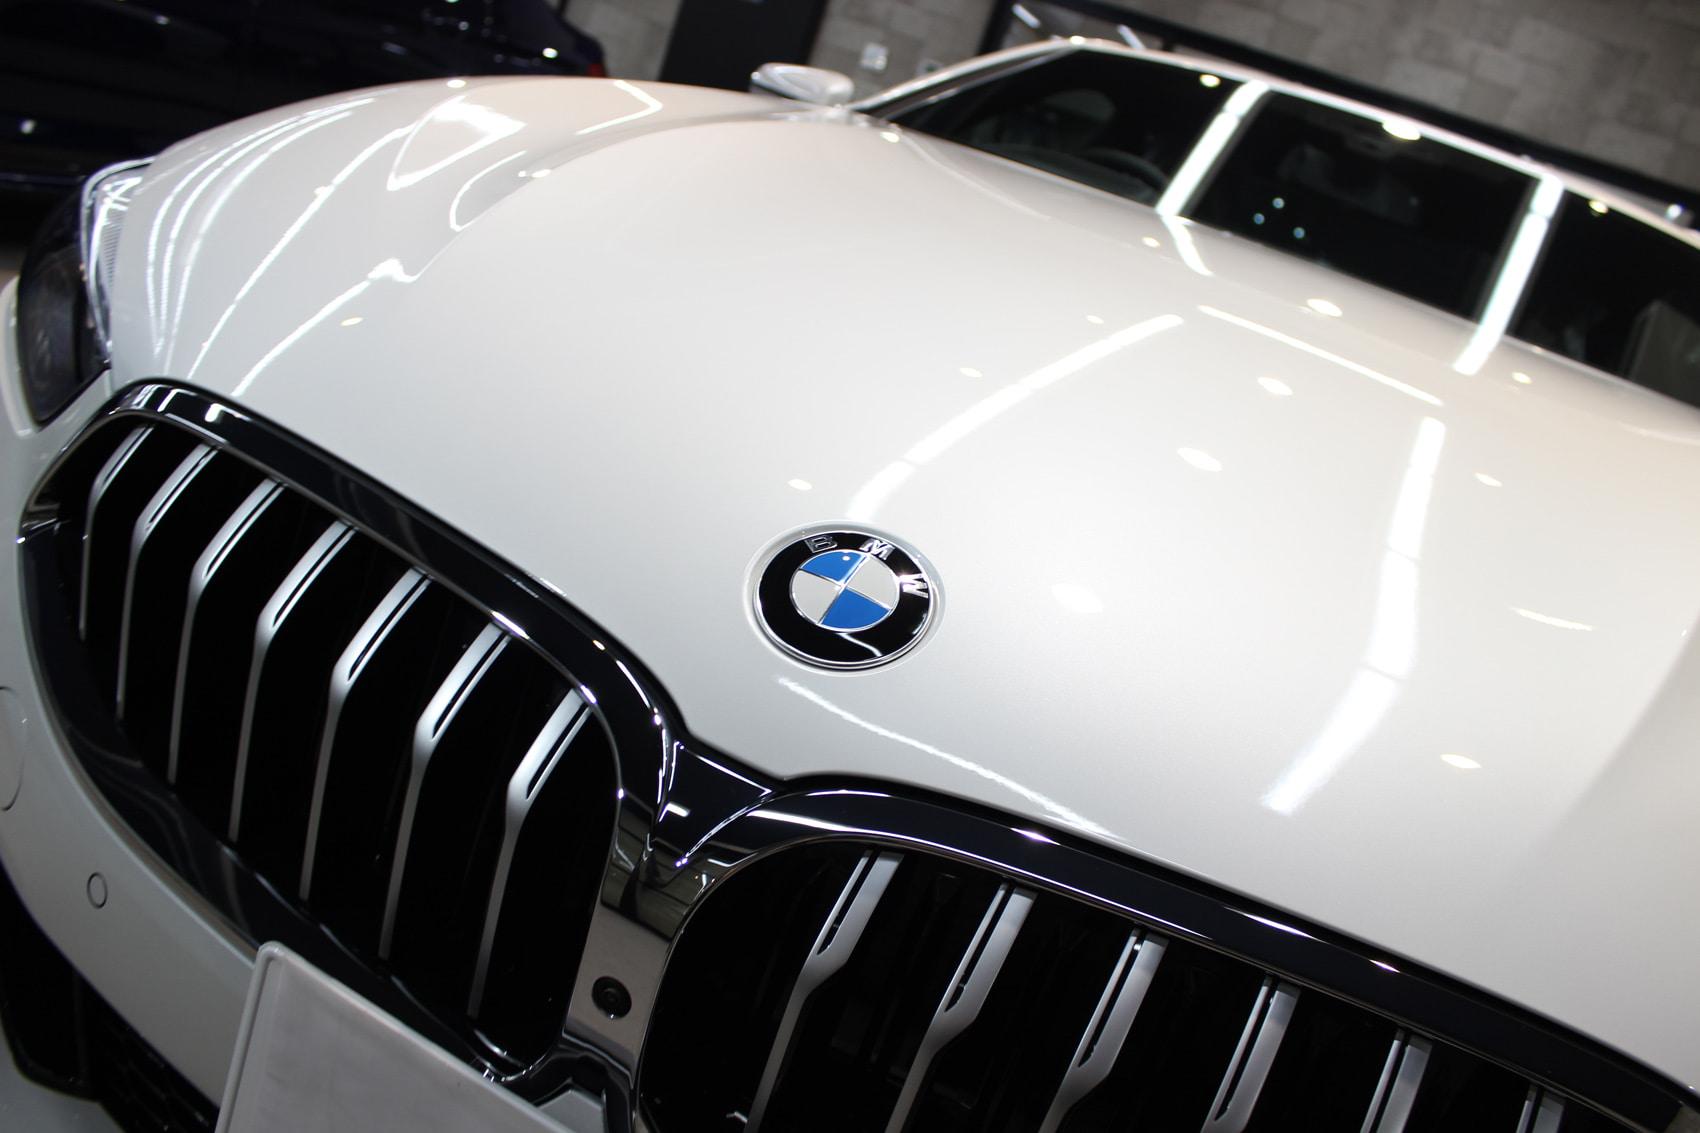 BMW 840iクーペ ミネラルホワイト ボンネット